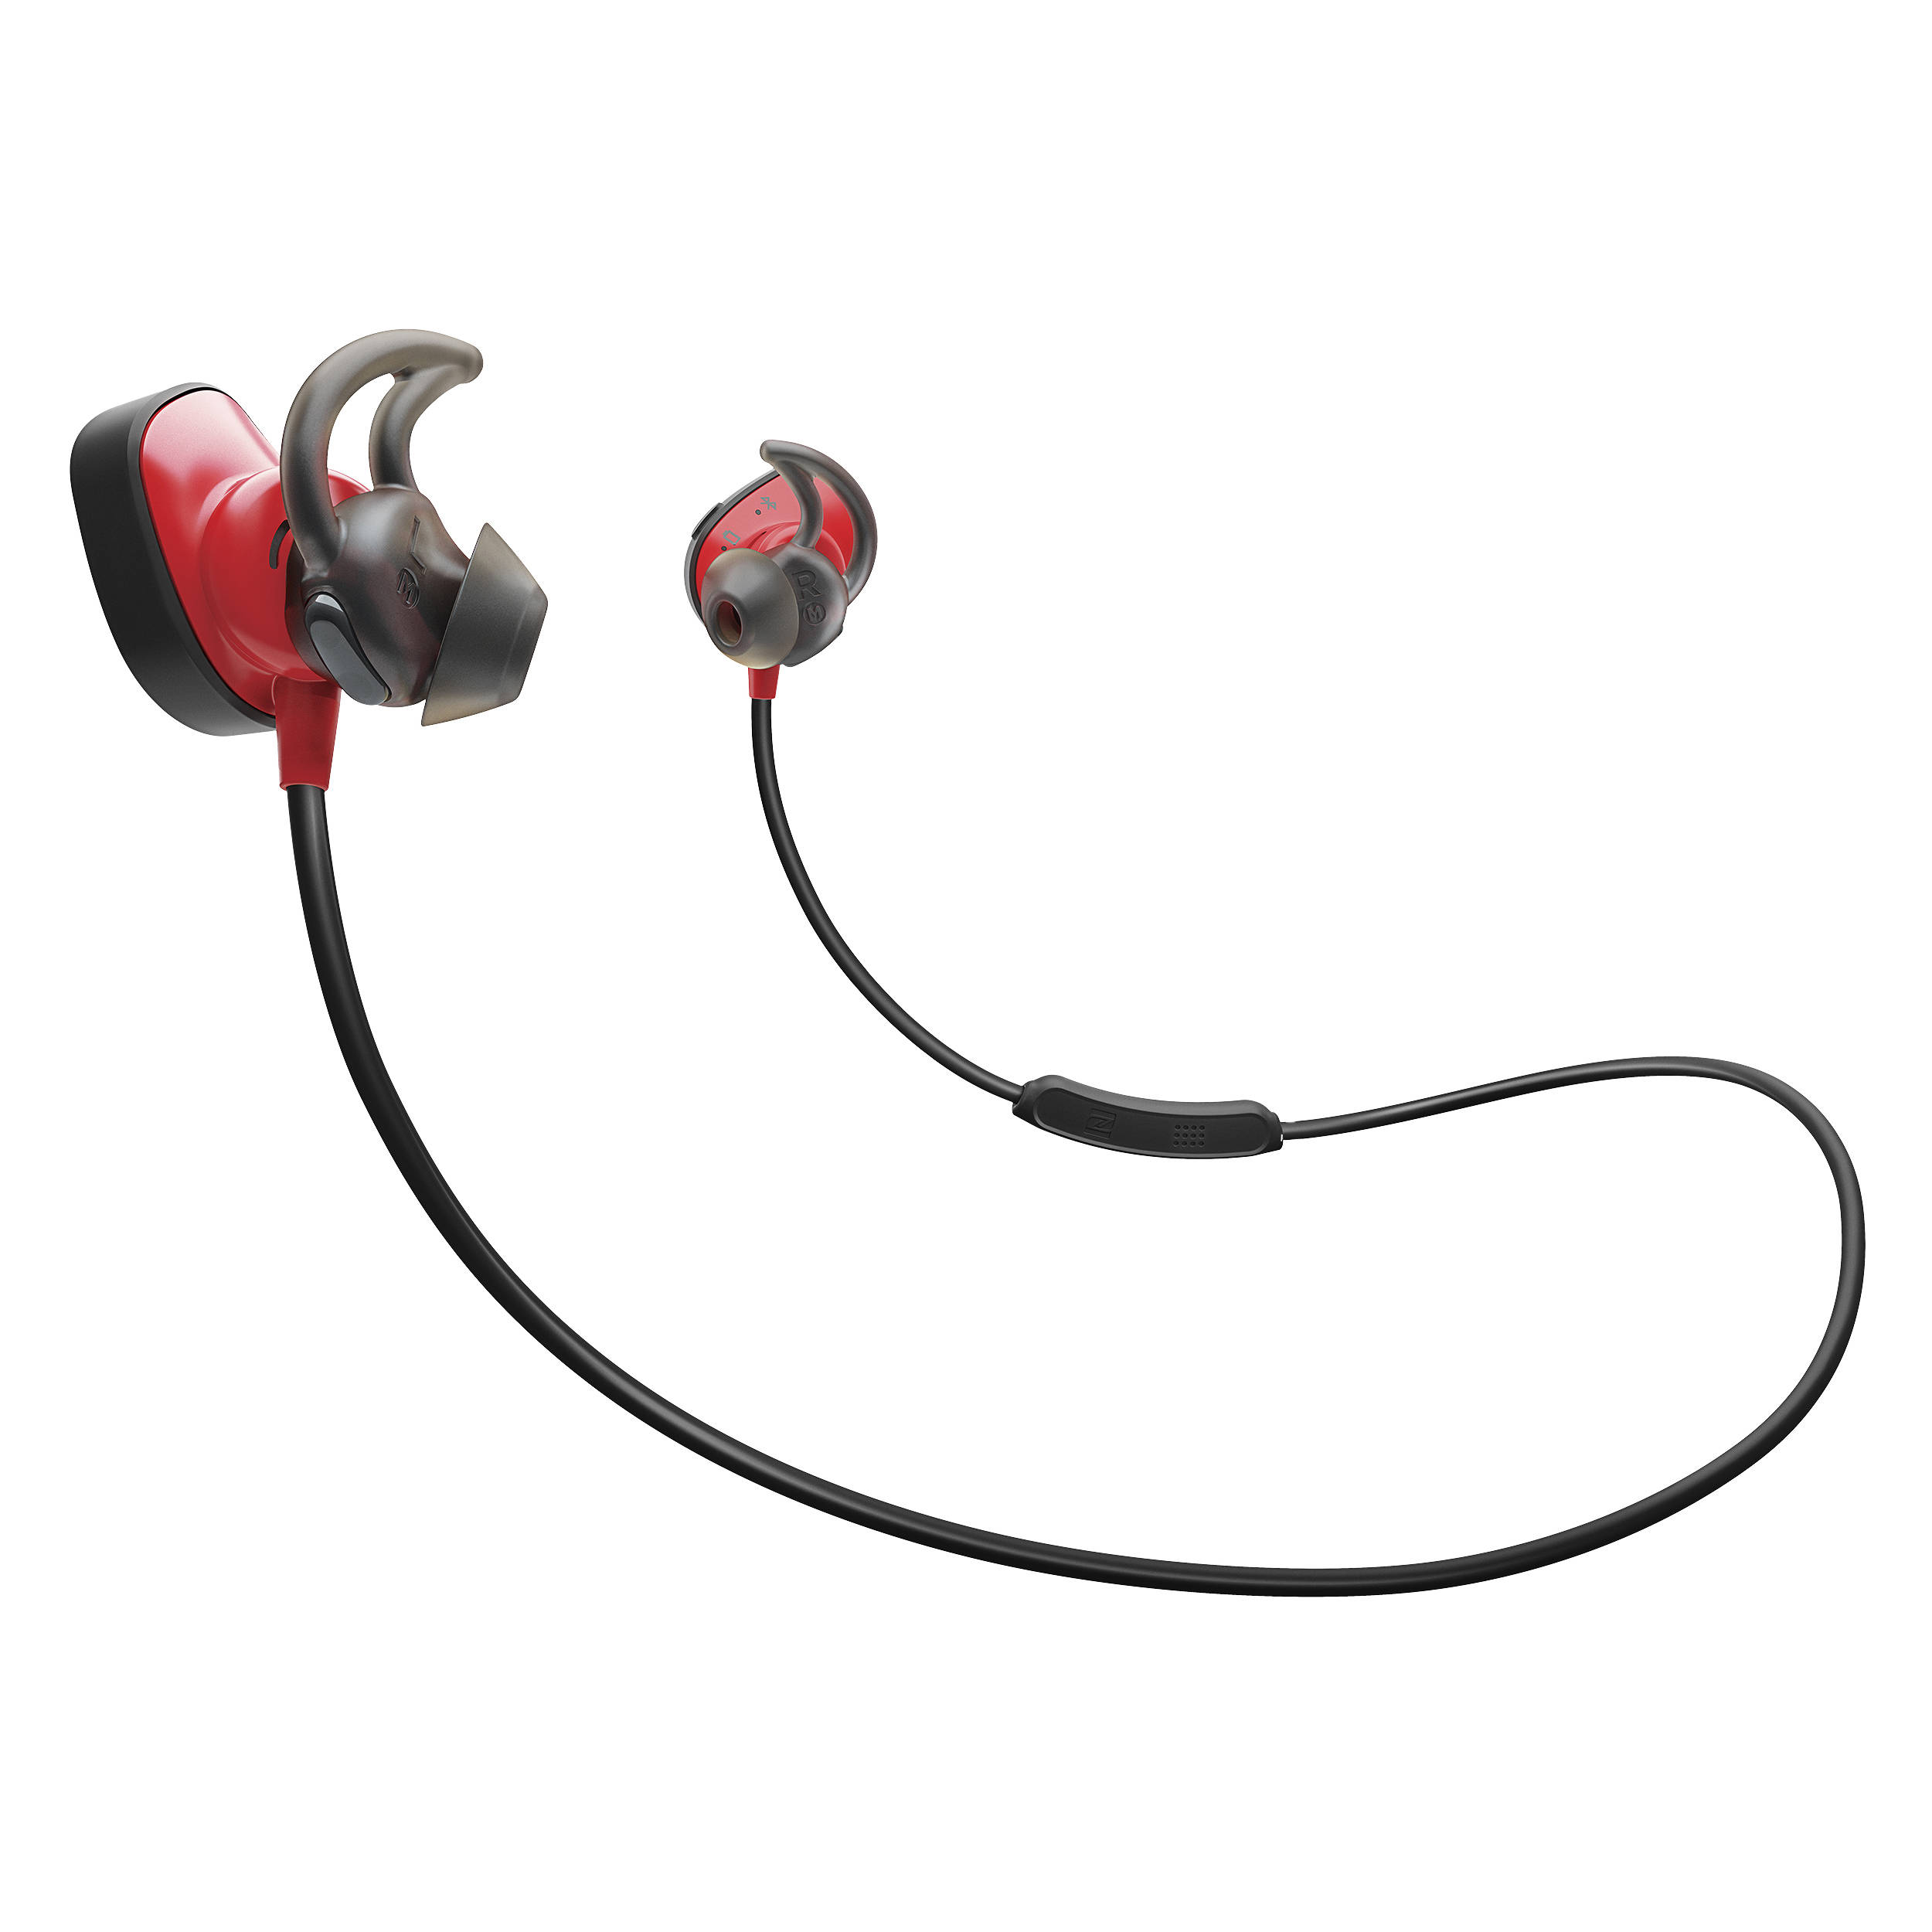 bose sport earphones. bose soundsport pulse wireless in-ear headphones (red) sport earphones i